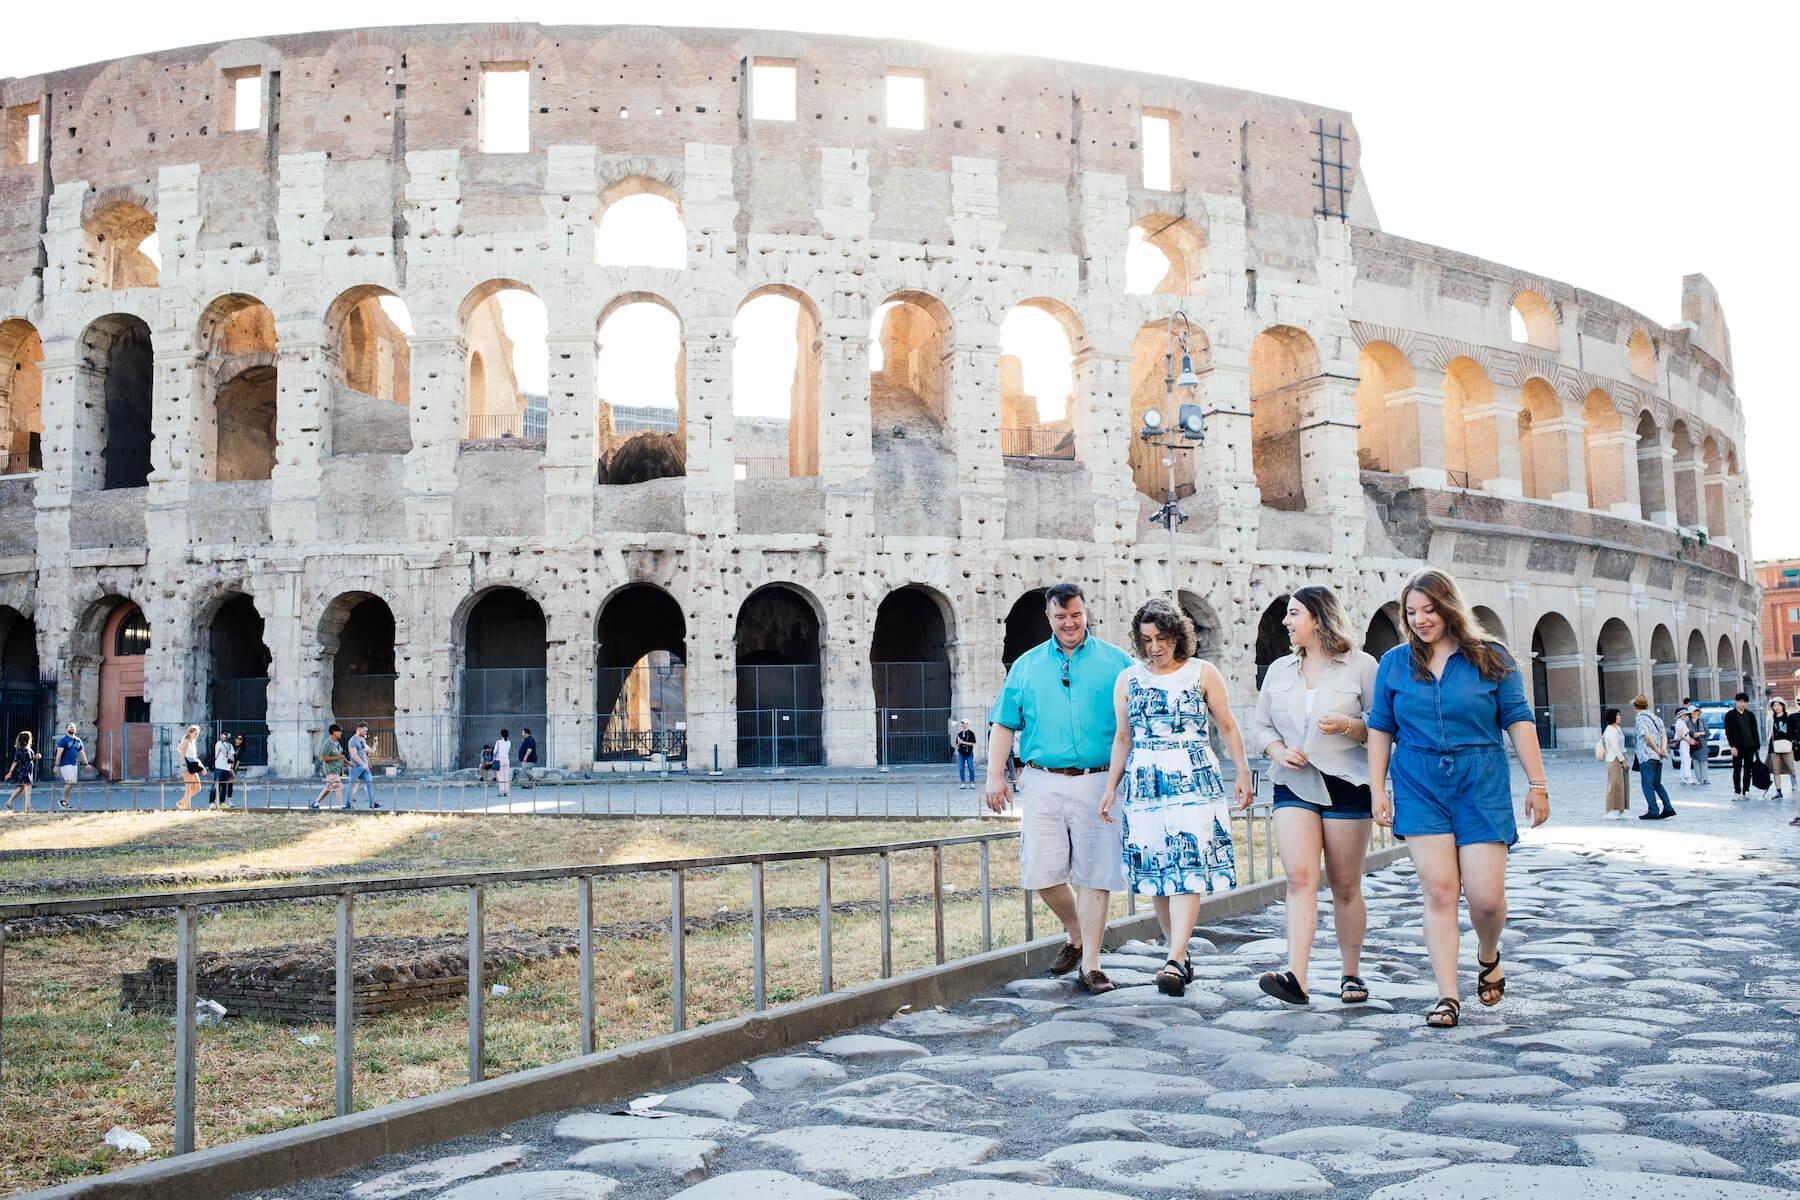 rome-07-11-2019-family-trip-2_original